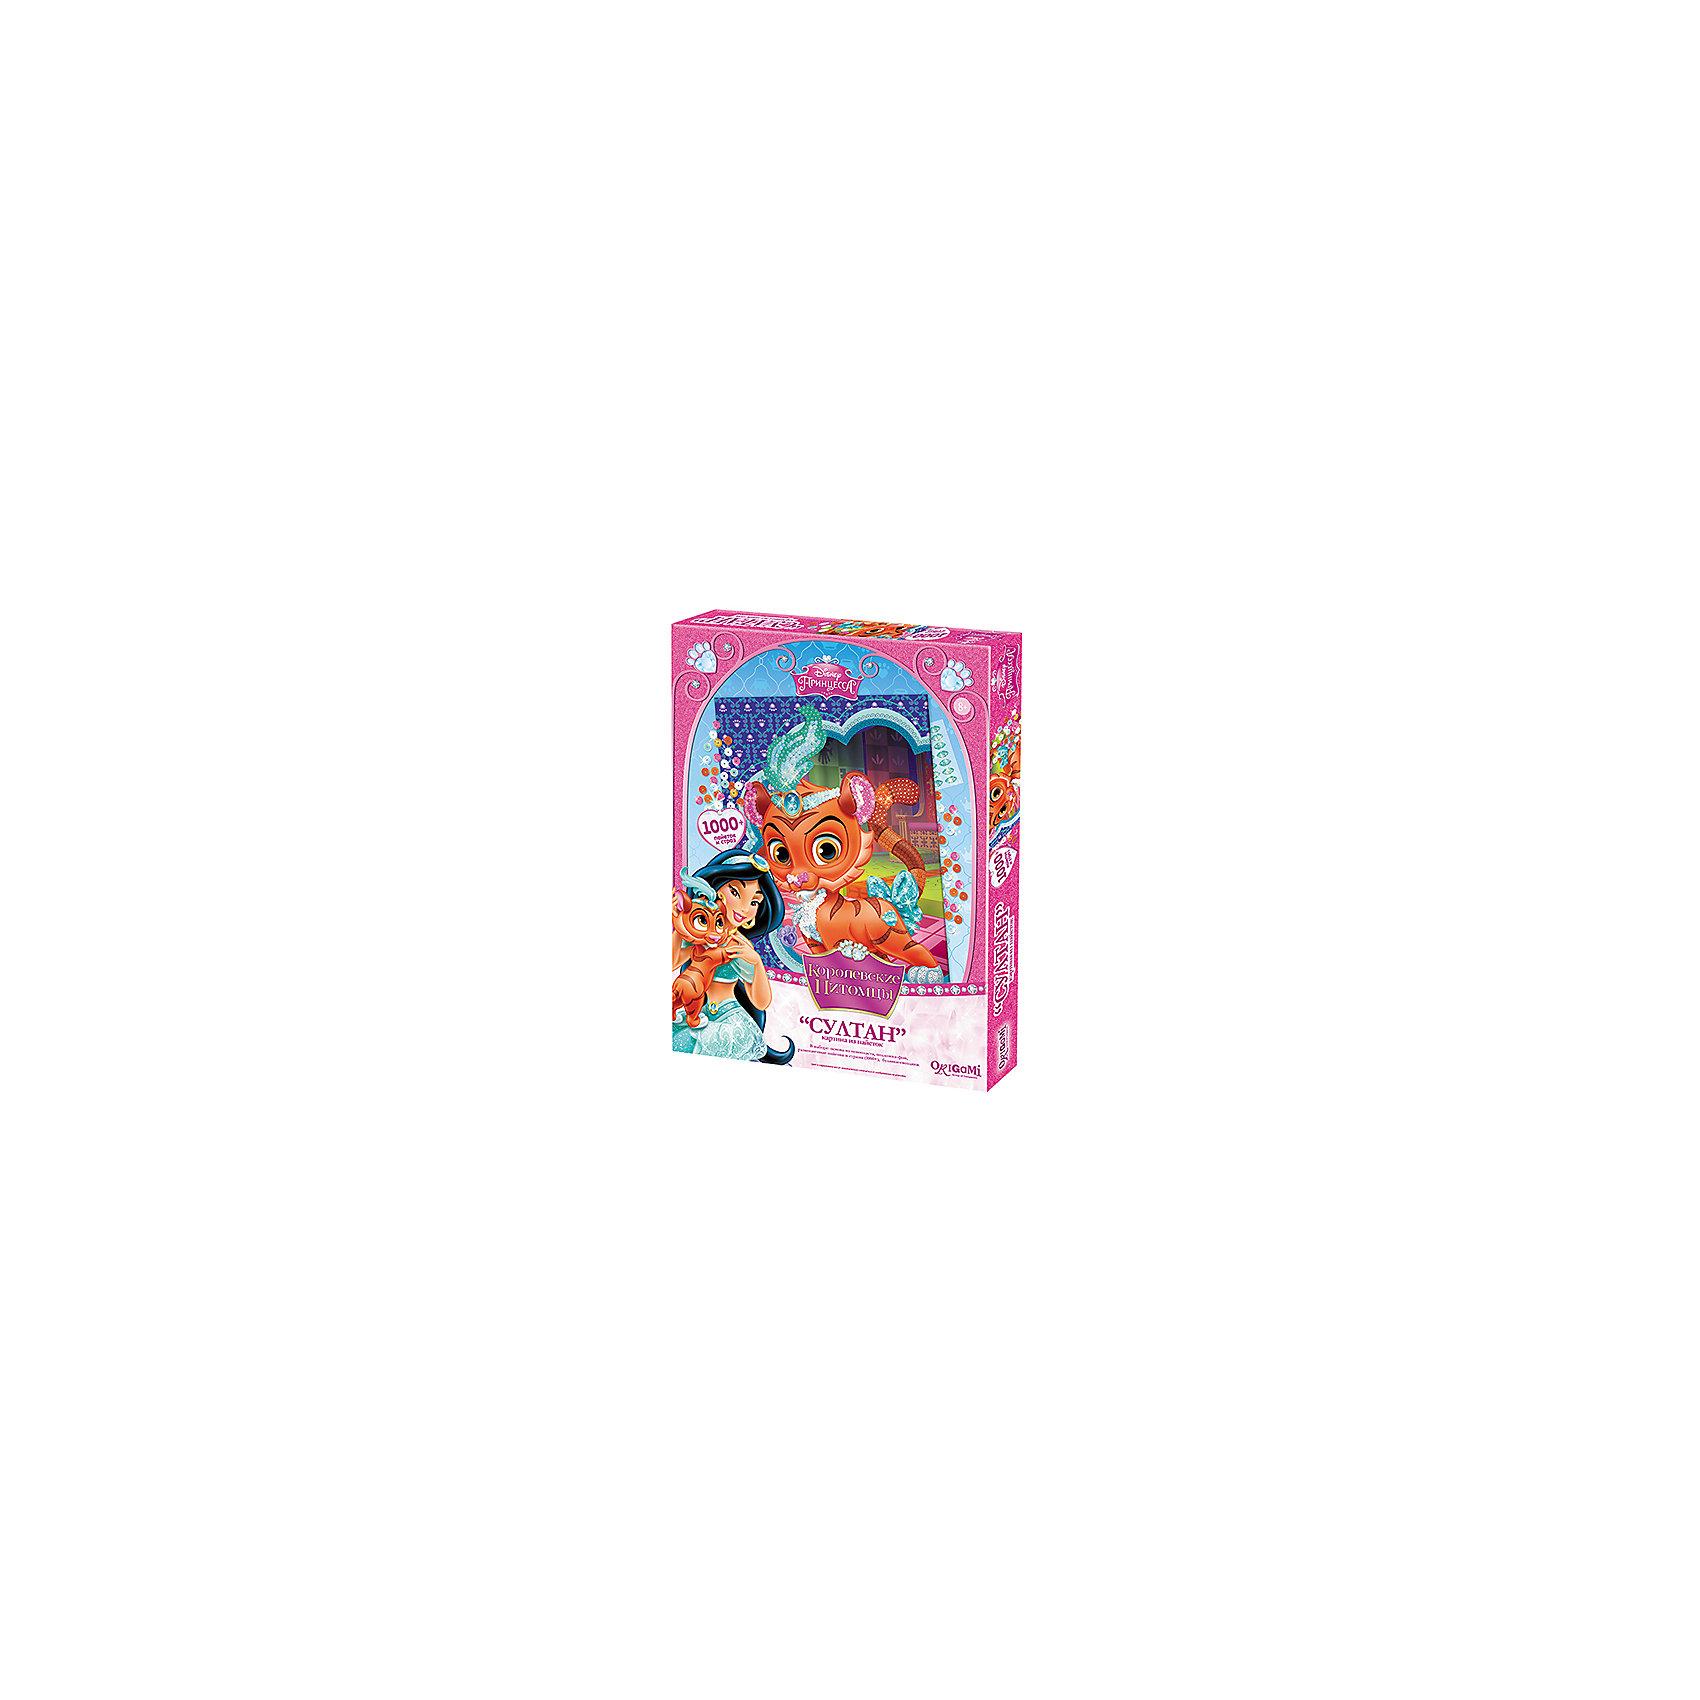 Картина из пайеток Султан, Принцессы ДиснейКартина из пайеток Султан, Принцессы Дисней - увлекательный набор для детского творчества, который поможет Вашему ребенку без ножниц и клея сделать красивую картинку. Техника выполнения проста и не представляет сложностей: в комплект уже входит готовая картинка-фон, нужно лишь аккуратно закрепить детали в виде страз и пайеток с помощью булавок-гвоздиков согласно инструкции. Итогом работы станет сверкающая картинка с изображением симпатичного тигренка Султана - питомца принцессы Жасмин из популярного диснеевского мультфильма Аладдин. Готовая картинка станет отличным украшением детской комнаты или подарком родным и друзьям. Набор развивает у ребенка цветовое восприятие, образно-логическое мышление и пространственное воображение, тренирует мелкую моторику.<br><br>Дополнительная информация:<br><br>- В комплекте: основа из пенопласта, подложка-фон, разноцветные пайетки и стразы (около 1000 шт.), булавки-гвоздики.<br>- Материал: картон. <br>- Размер картинки: 26,7 х 35,7 см.<br>- Размер упаковки: 28 x 18 x 4 см.<br>- Вес: 0,79 кг.<br><br>Картину из пайеток Султан, Принцессы Дисней, Чудо-творчество, можно купить в нашем интернет-магазине.<br><br>Ширина мм: 150<br>Глубина мм: 30<br>Высота мм: 200<br>Вес г: 790<br>Возраст от месяцев: 72<br>Возраст до месяцев: 120<br>Пол: Женский<br>Возраст: Детский<br>SKU: 4530676